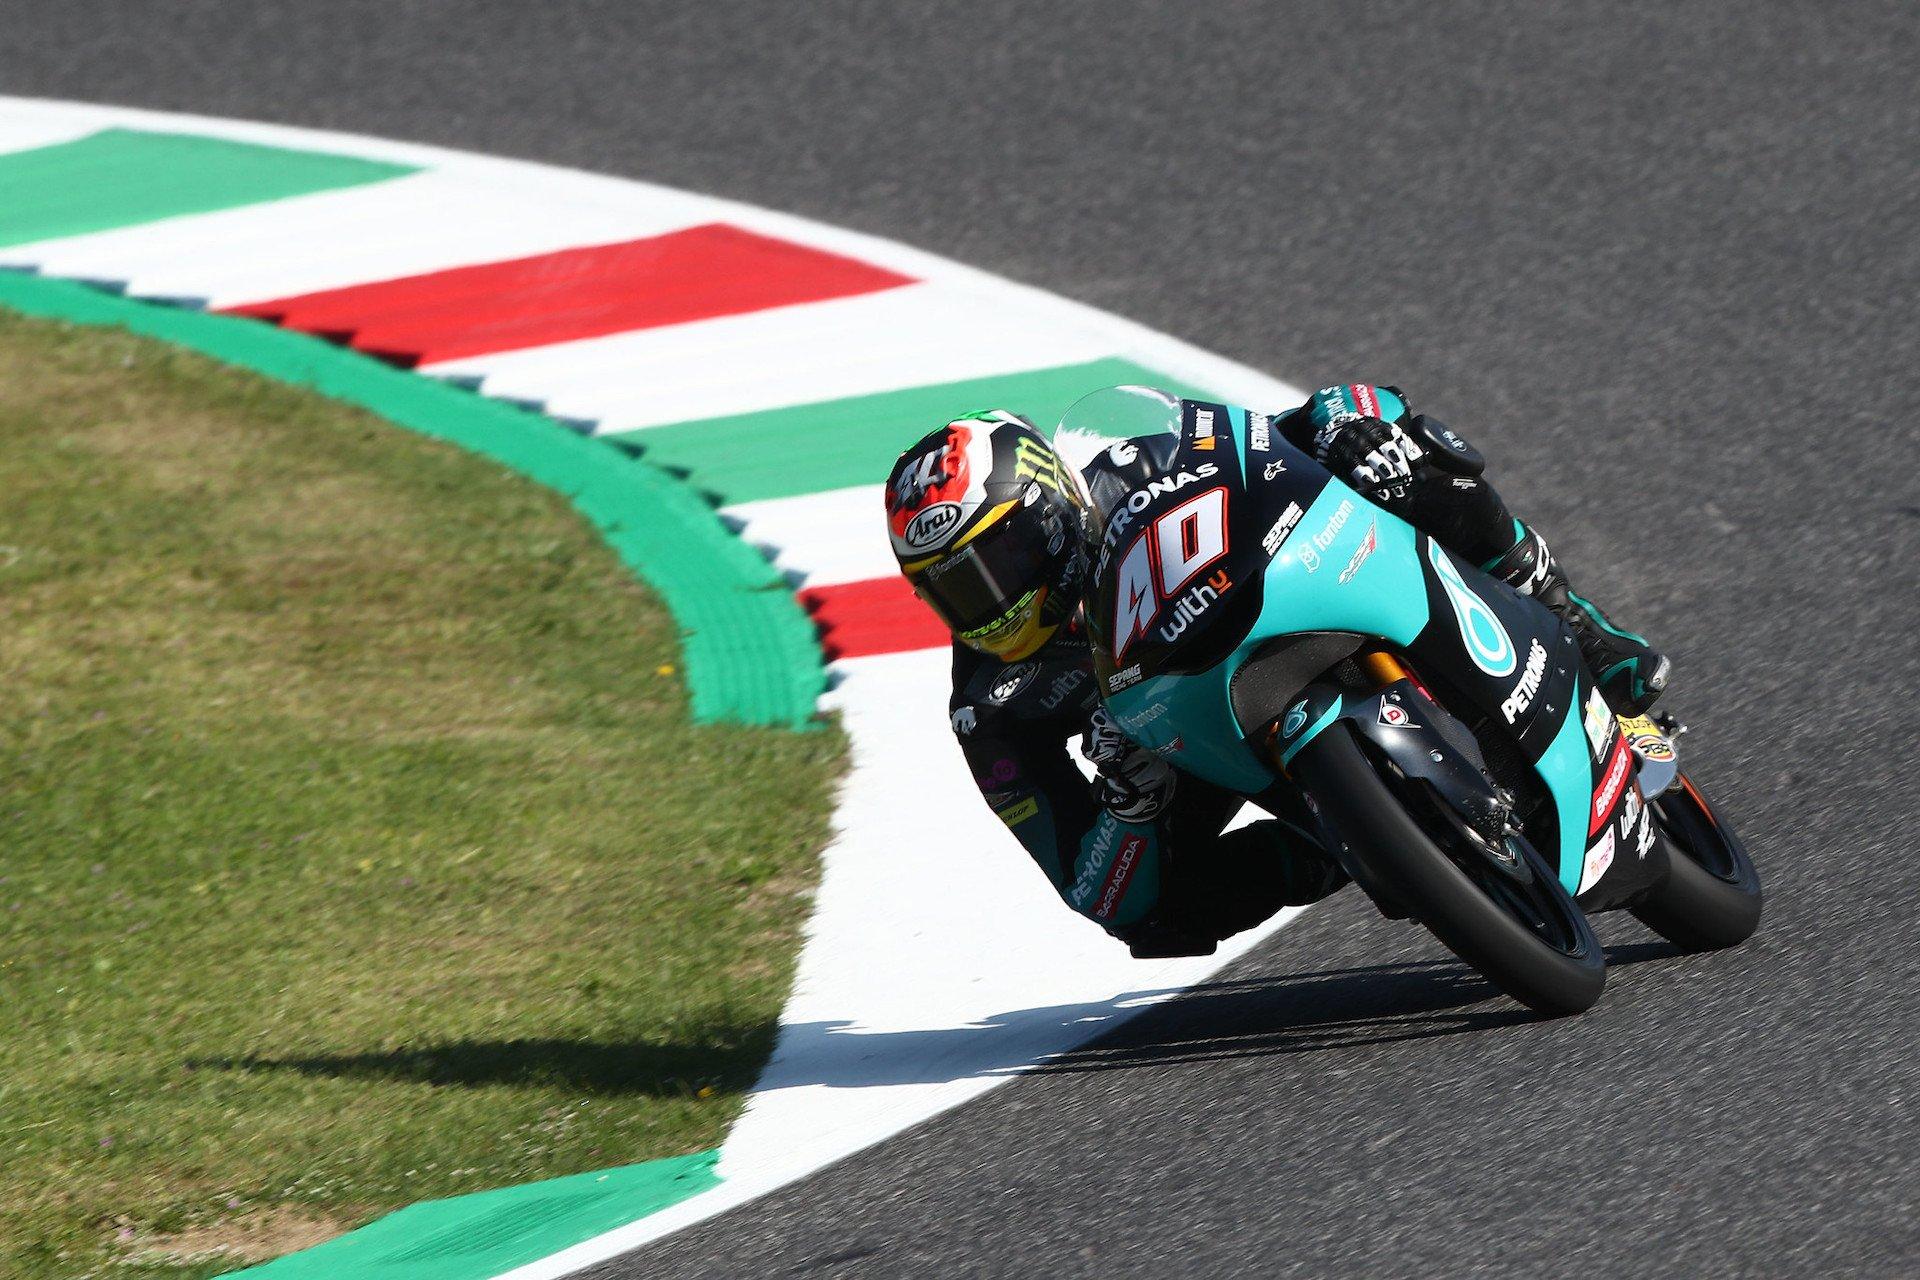 Moto3 Italia: Binder el más rápido del viernes, caída de Acosta (incluye vídeo)